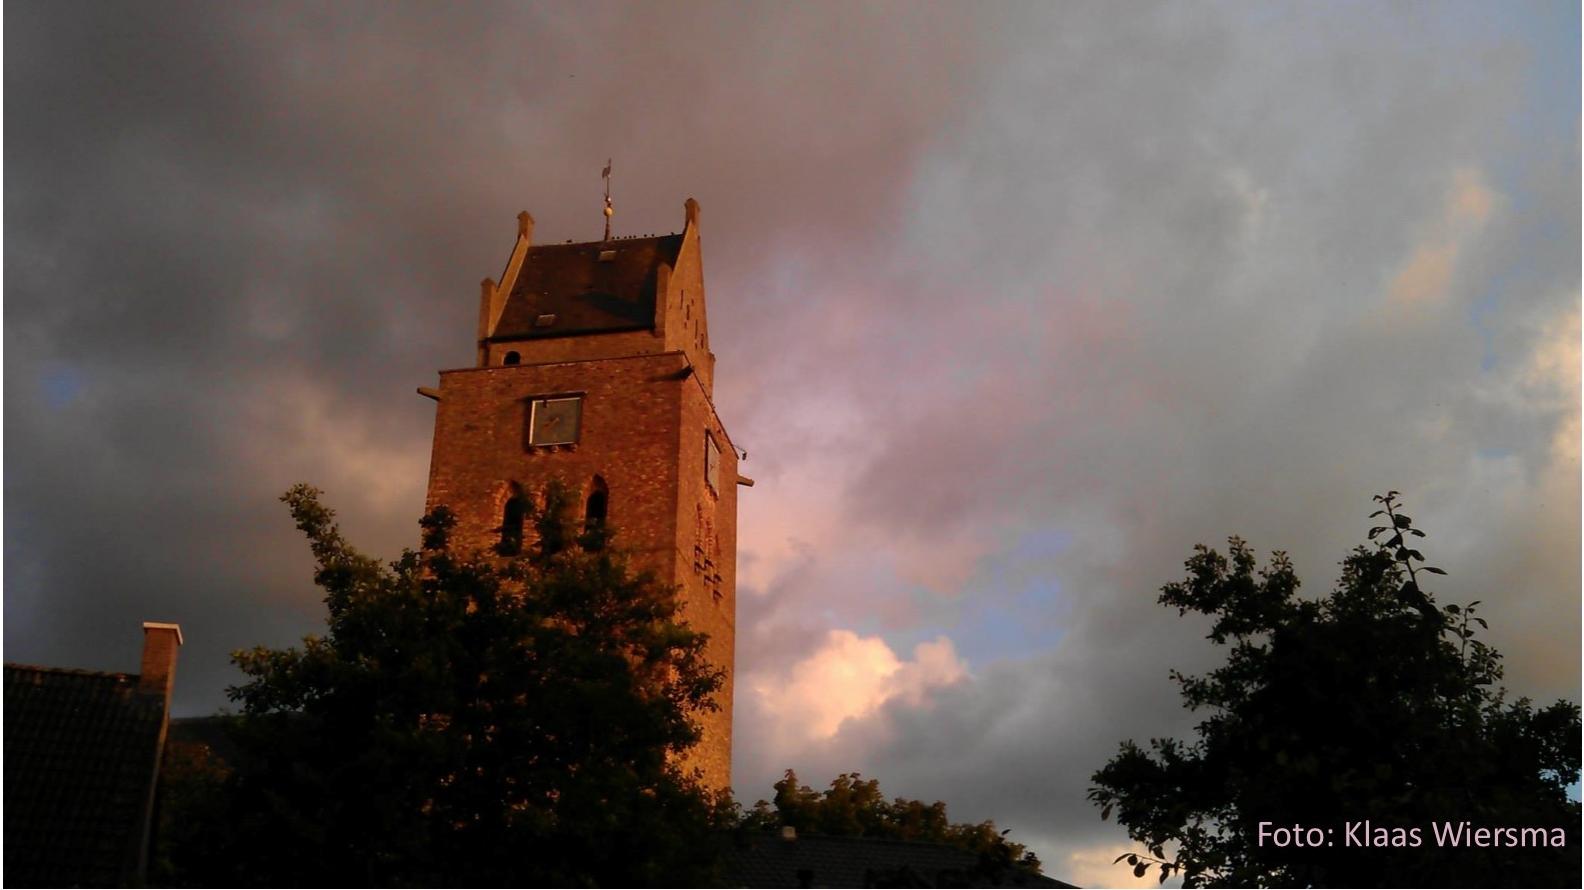 De toren van de Meinardskerk, blikvanger van Minnertsga.